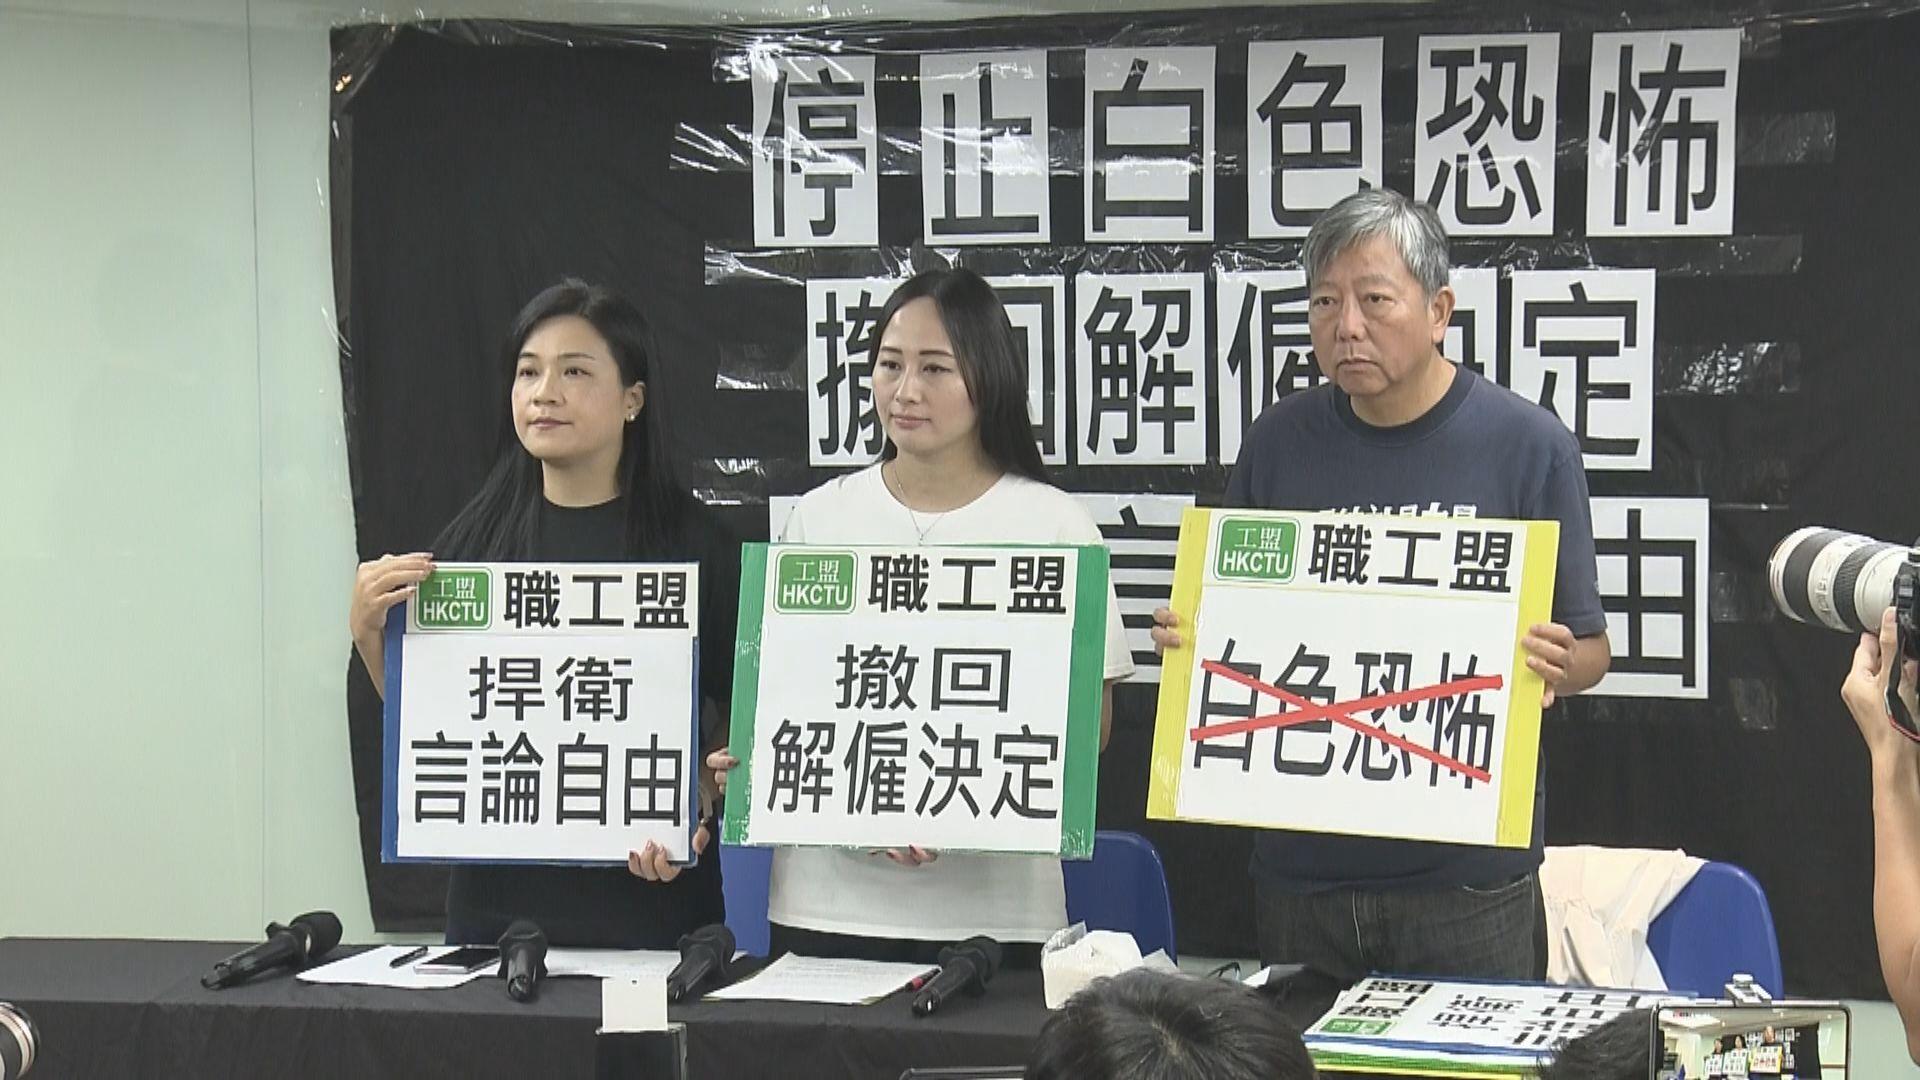 港龍工會主席被解僱 批做法散播白色恐怖